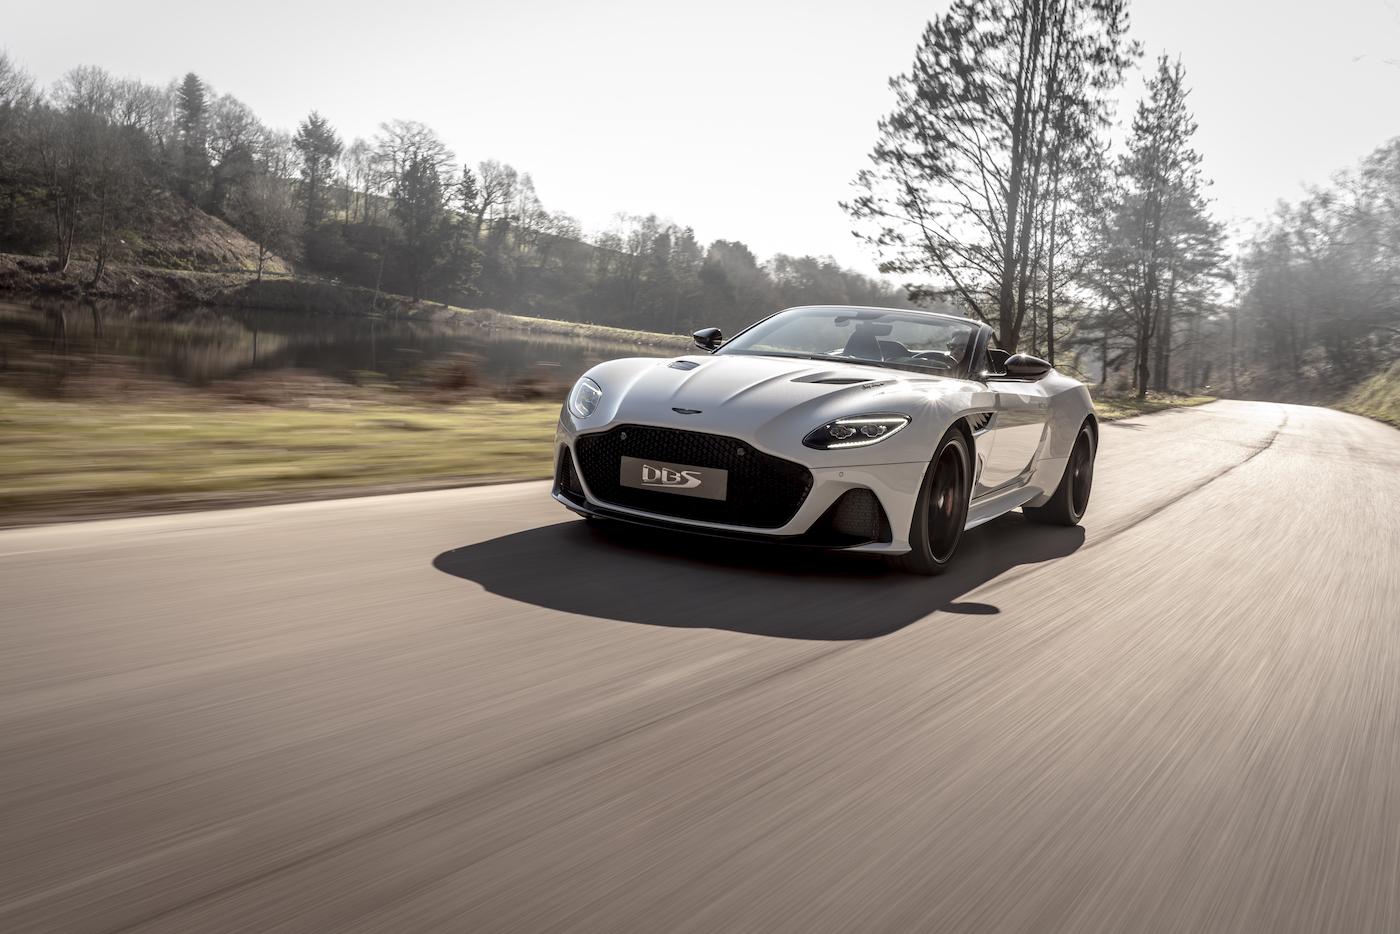 Aston Martin DBS Superleggera Volante: Ein Supersport-Cabrio mit 725 PS 9